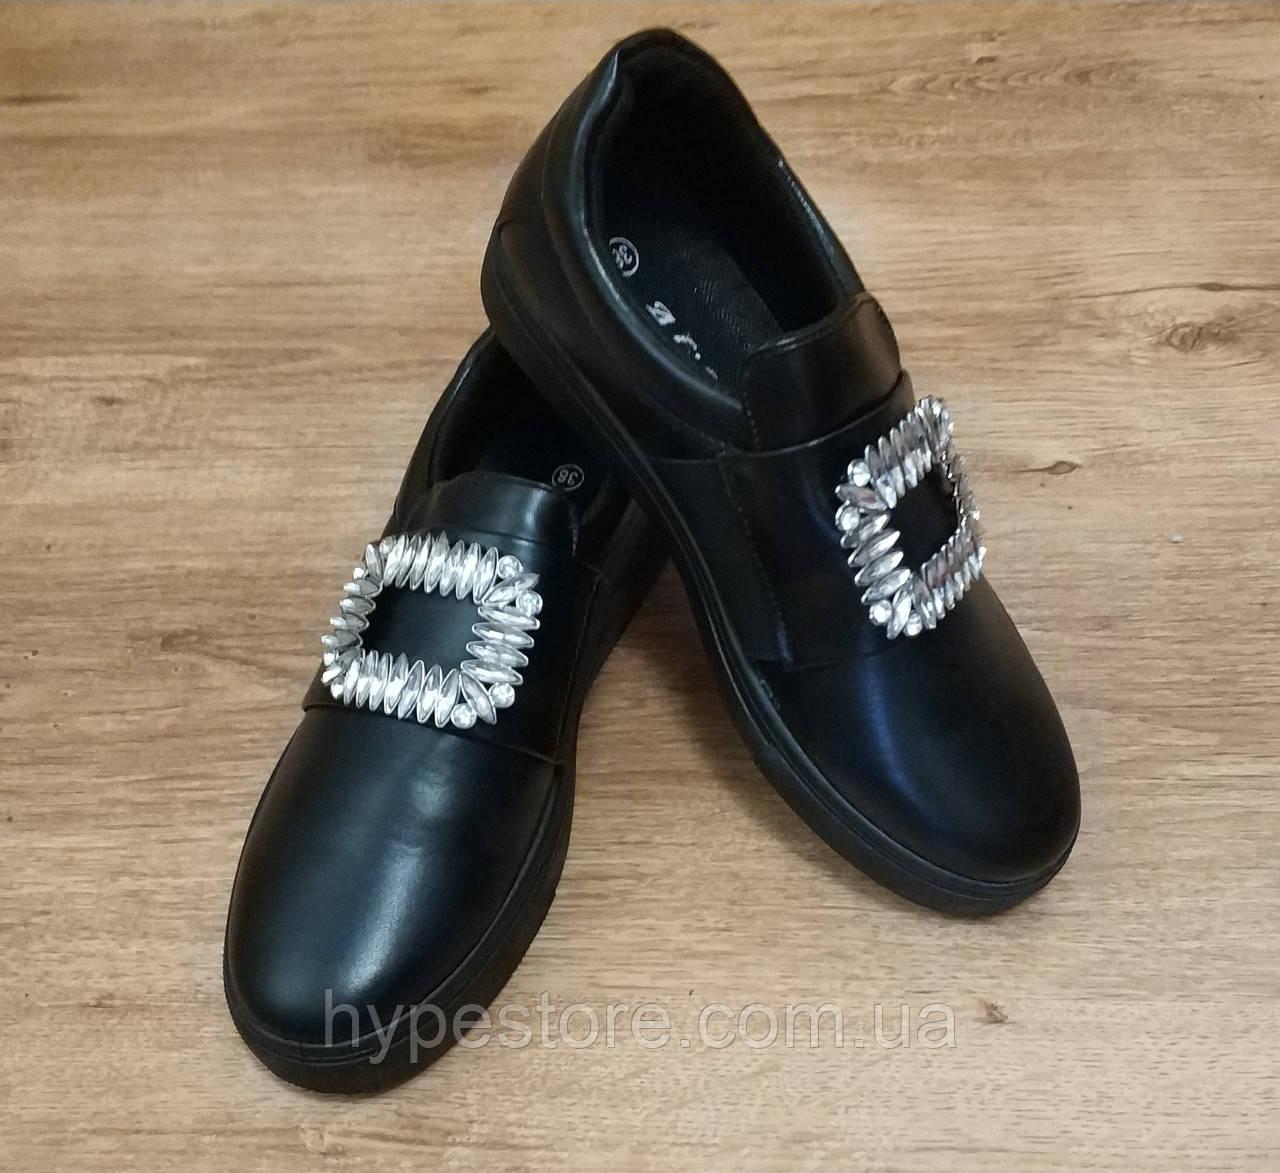 Женские туфли, слипоны (см.замеры в описании) РАСПРОДАЖА!!!